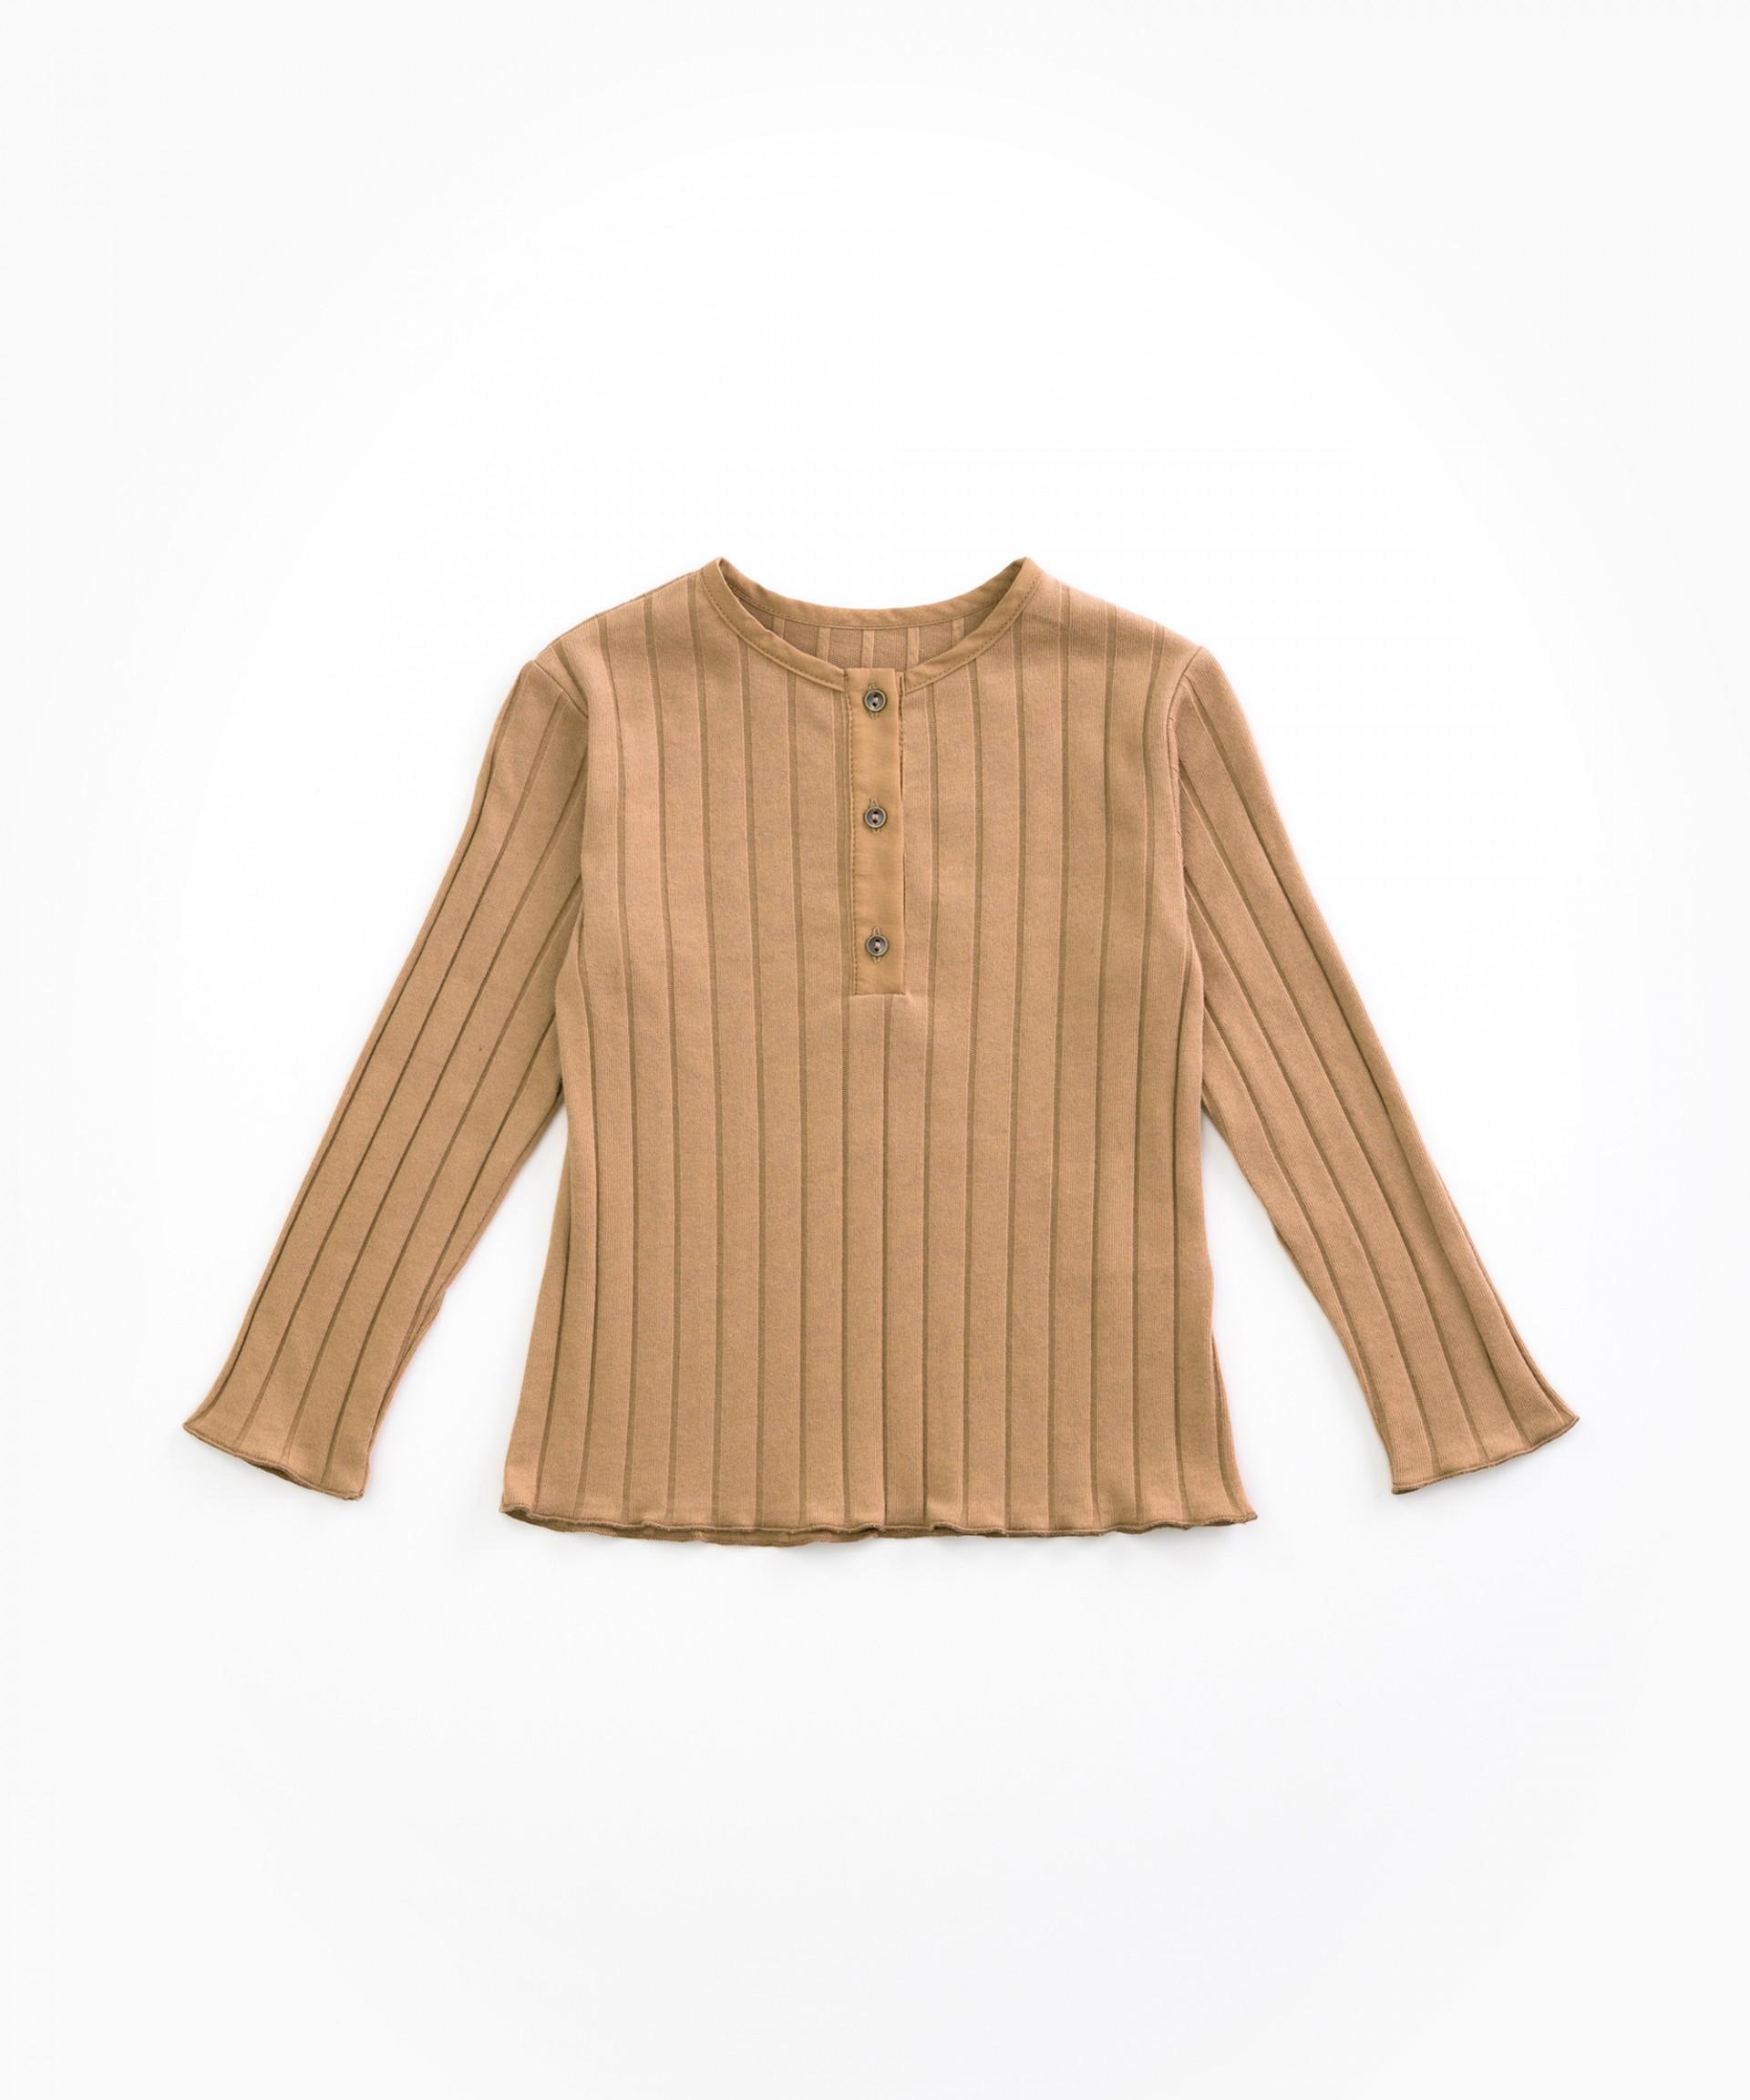 Camiseta con cierre de botones | Woodwork